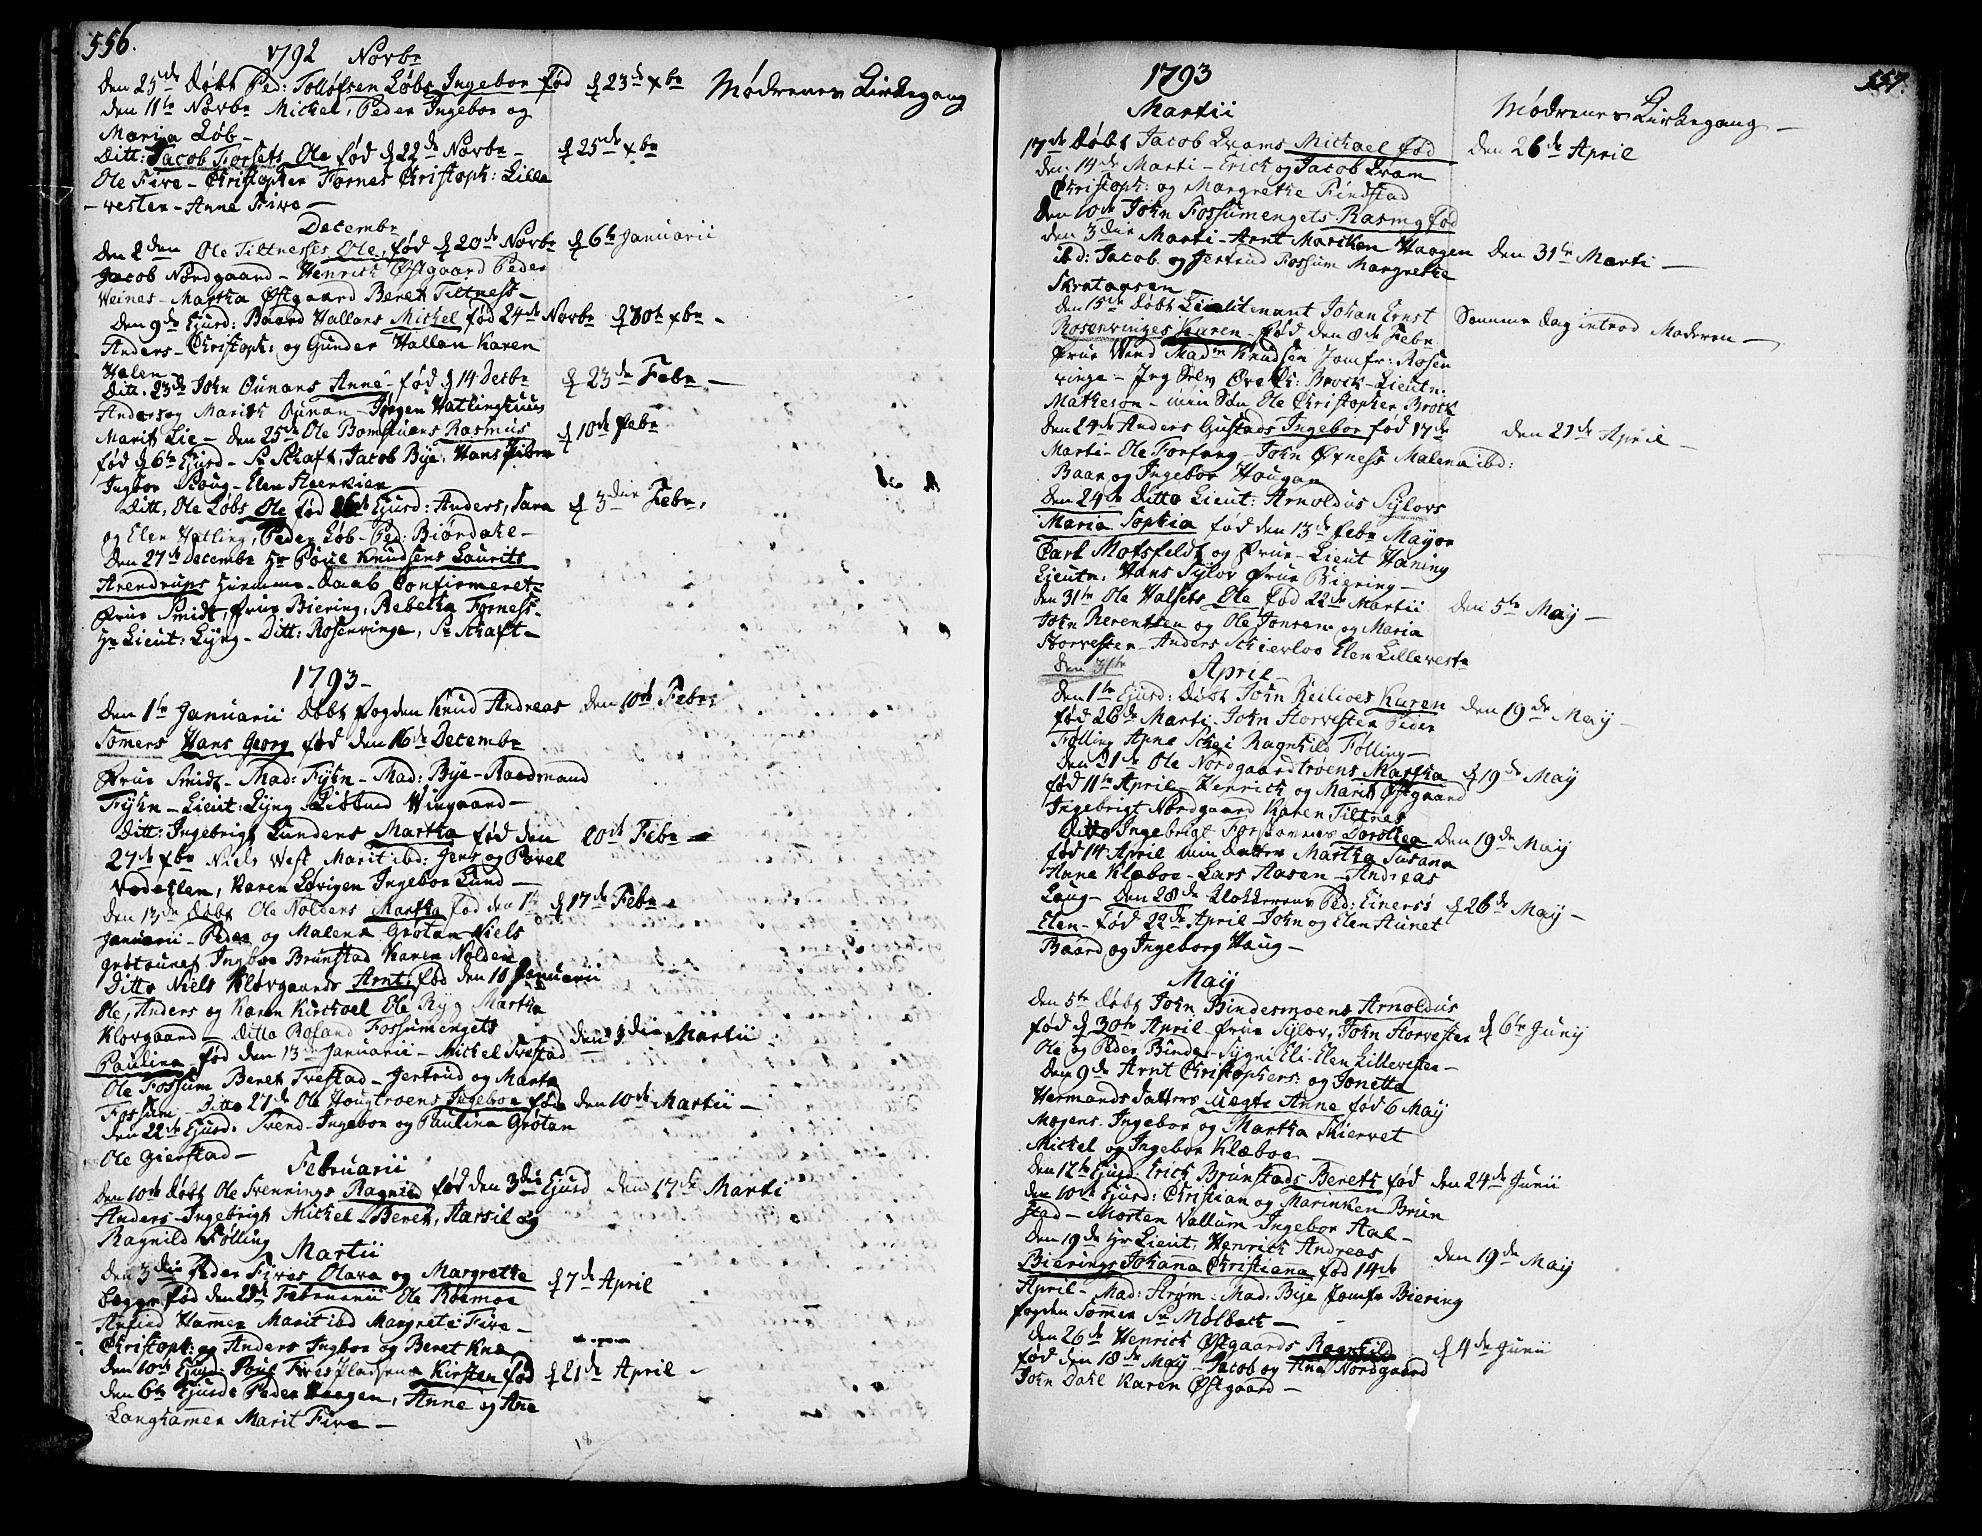 SAT, Ministerialprotokoller, klokkerbøker og fødselsregistre - Nord-Trøndelag, 746/L0440: Ministerialbok nr. 746A02, 1760-1815, s. 556-557